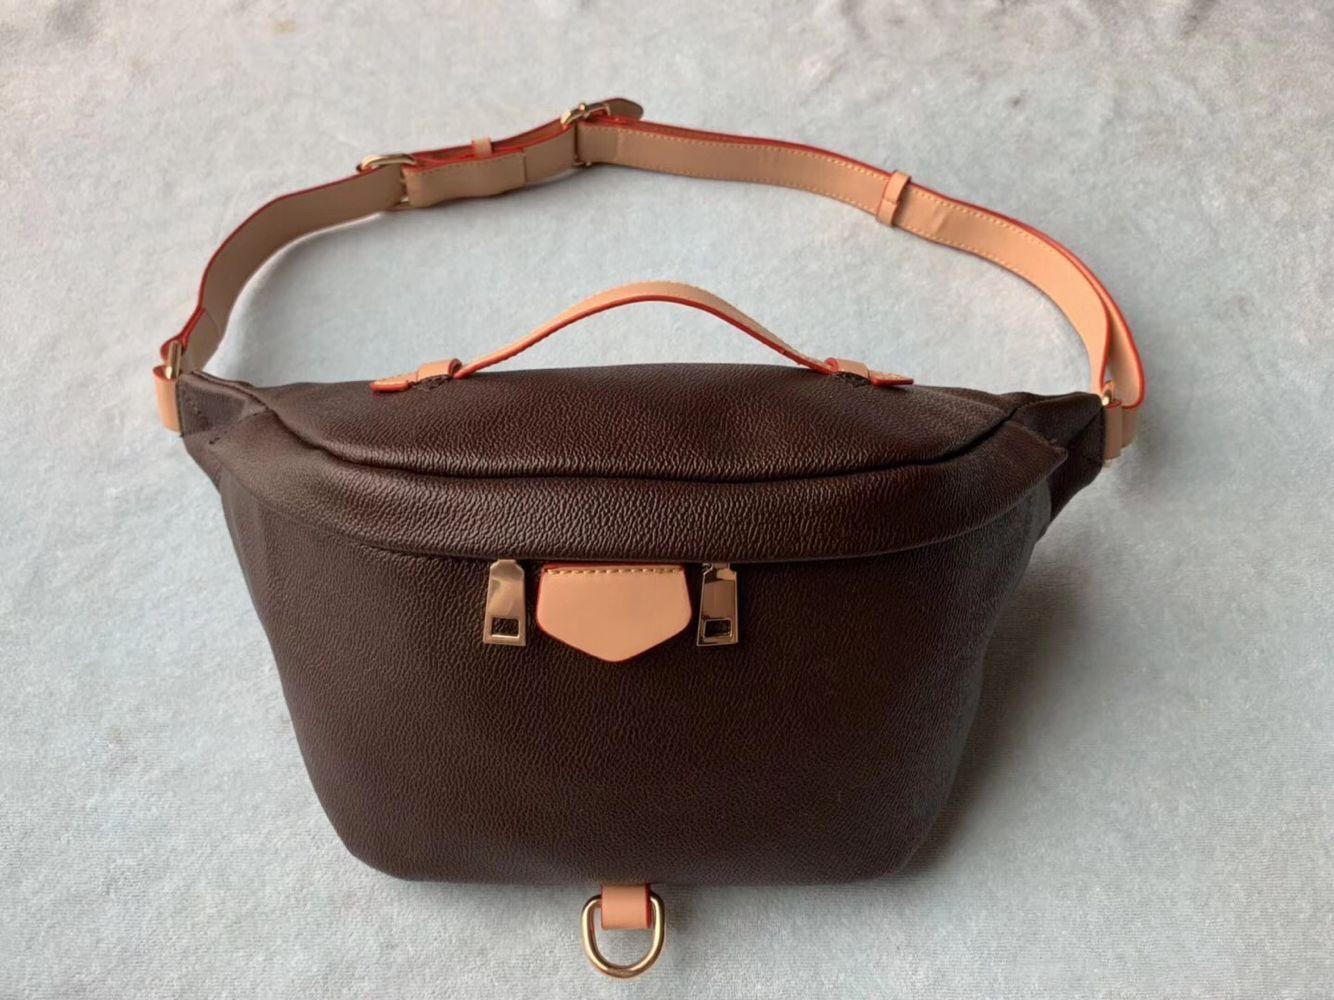 حار بيع السيدات jauntier نظرة على حقيبة الكتف bumbag النساء اوبر وظيفية الأزياء عارضة شيك crossbody الكلاسيكية قماش حزام حقيبة